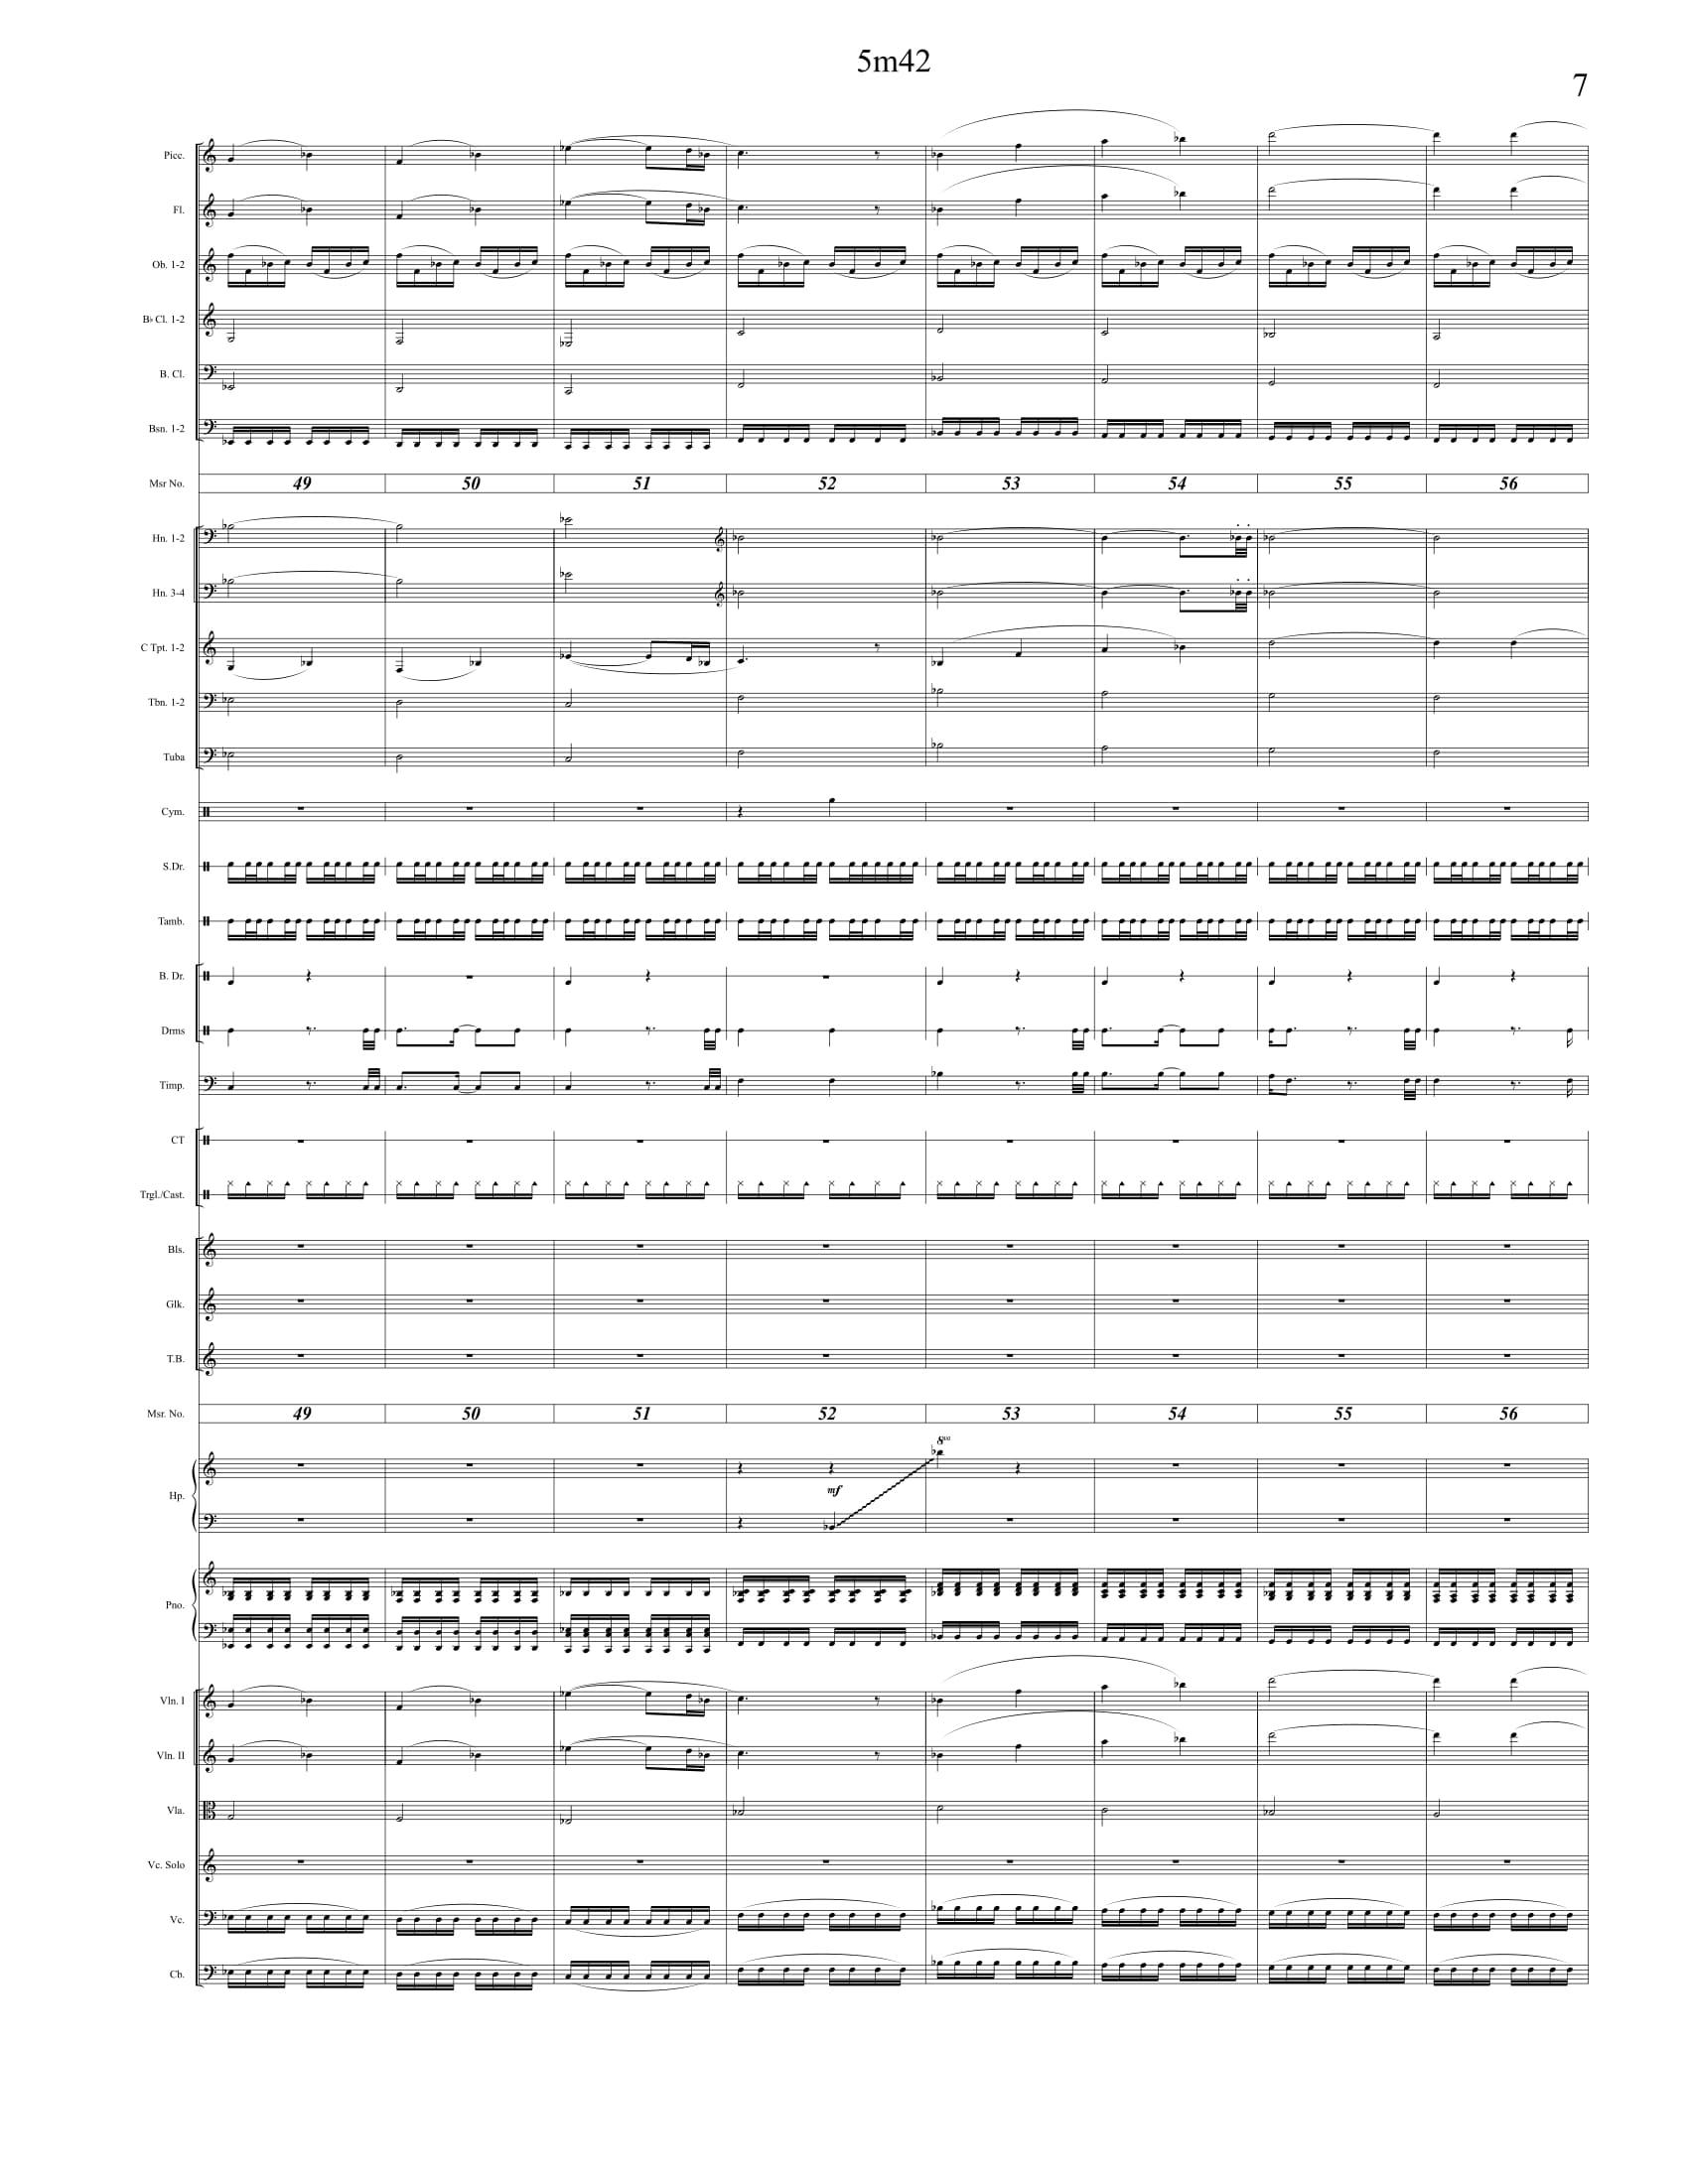 5m42 Full Score-7.jpg